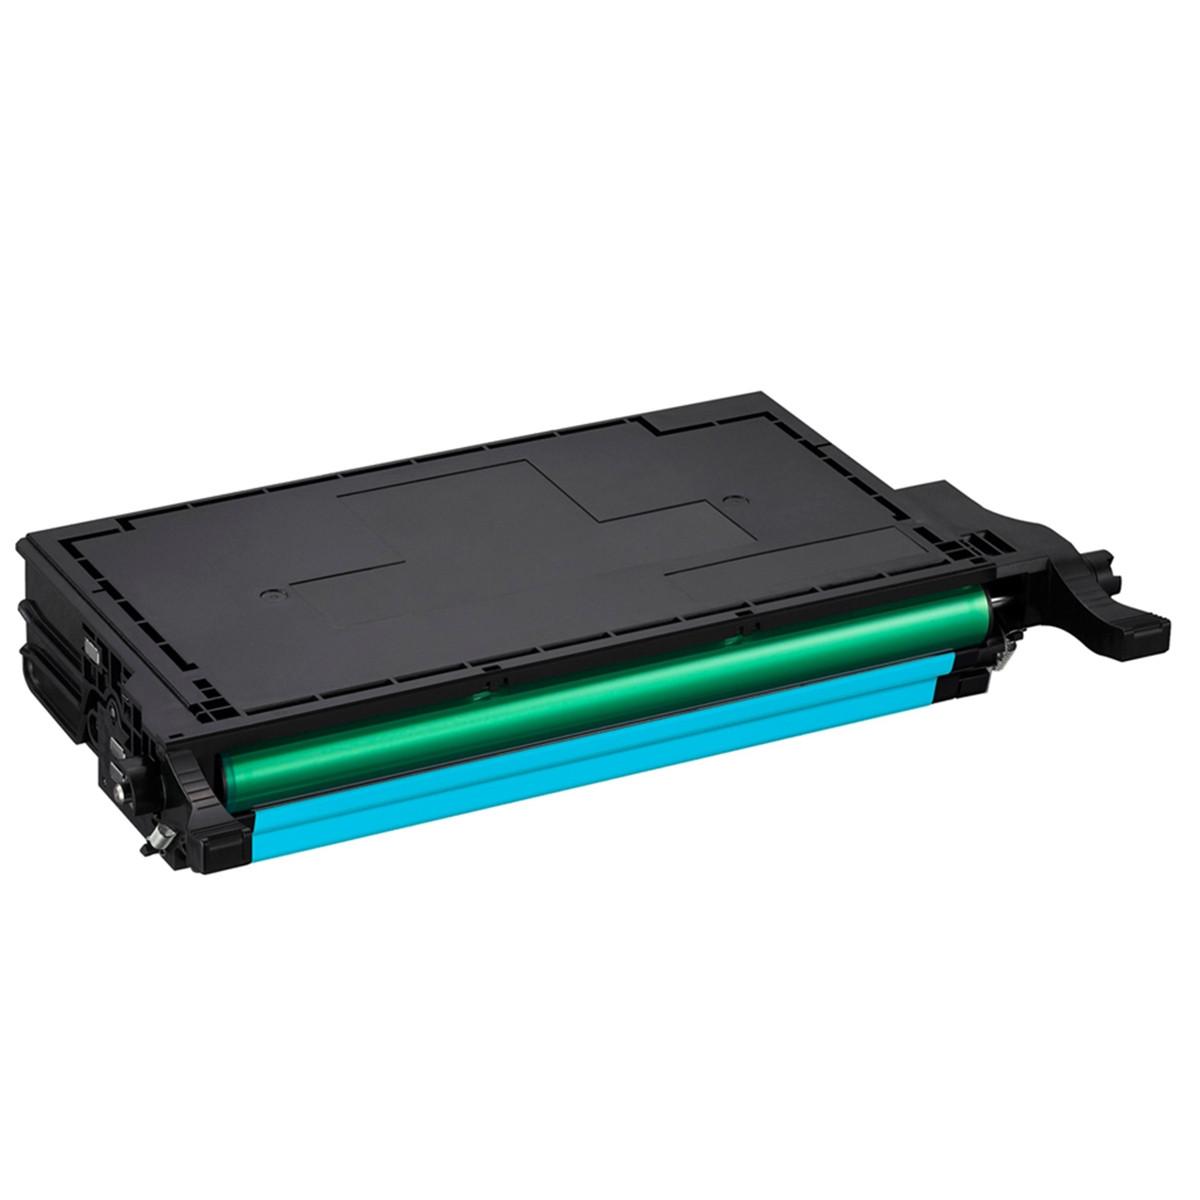 Toner Compatível com Samsung CLT-C609S Ciano | CLP770 CLP775 CLP775ND CLP770ND | Importado 7k